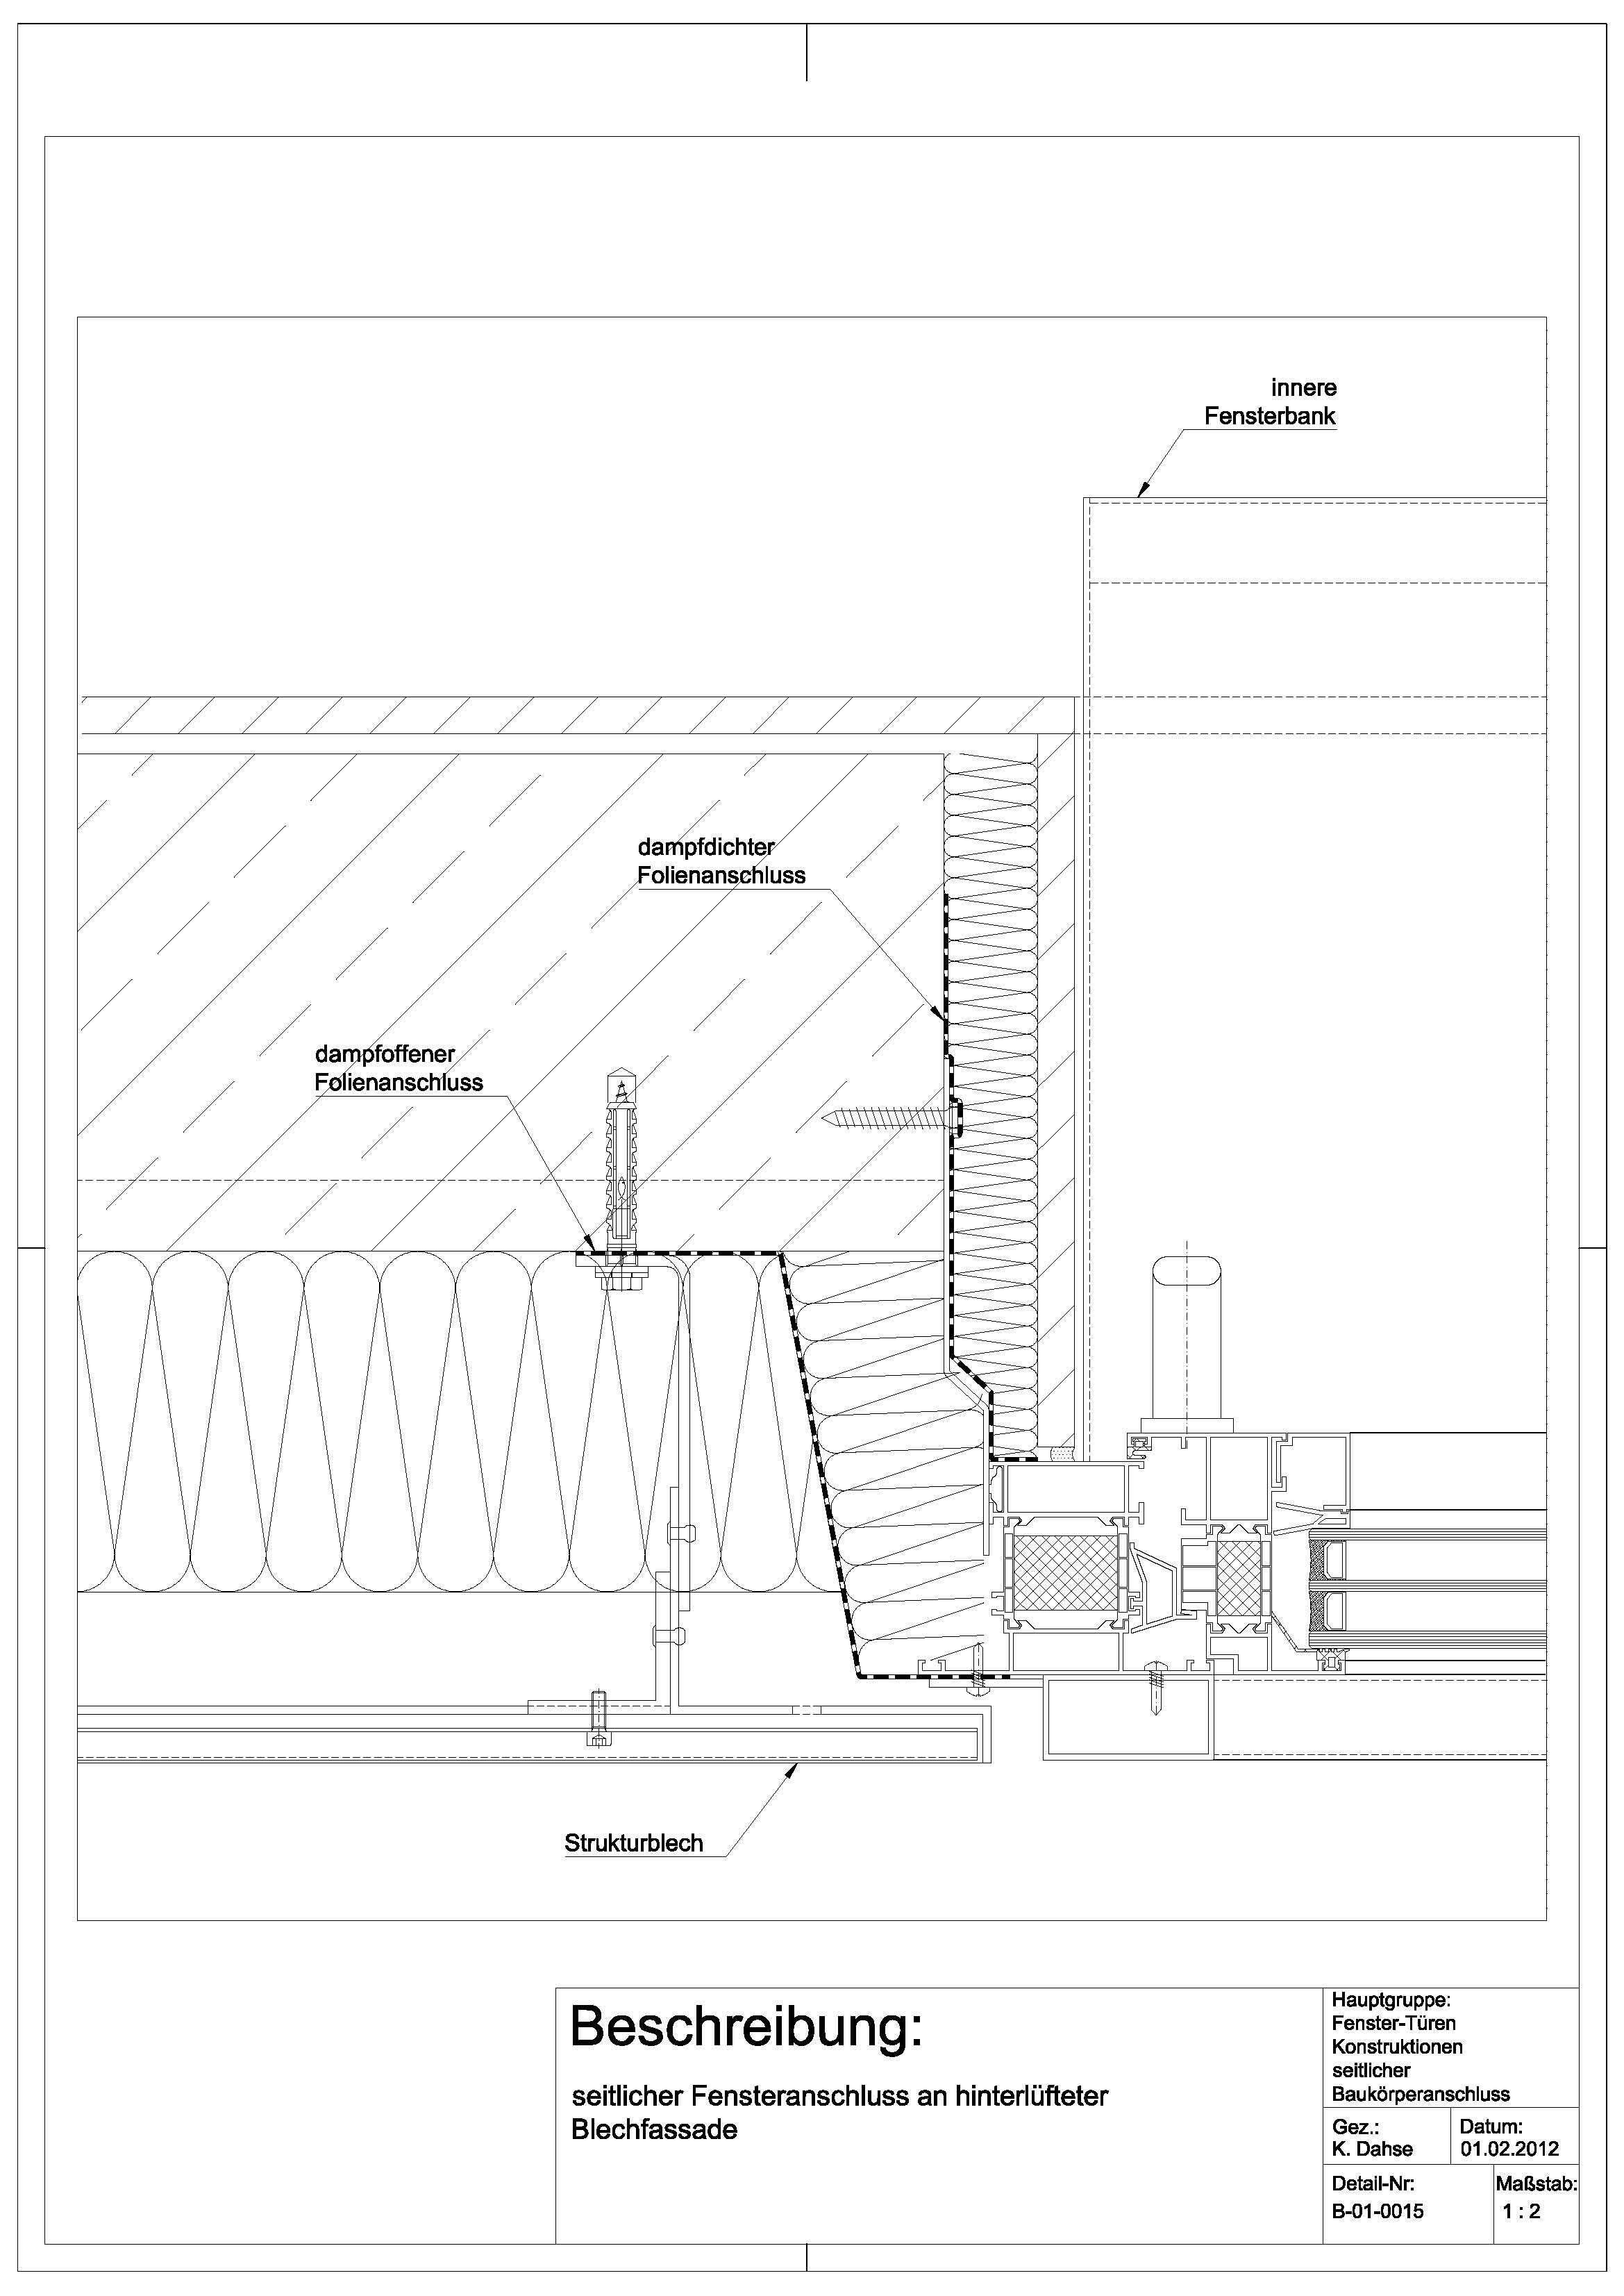 B 01 0015 Fensteranschluss An Hinterl 252 Fteter Blechfassade